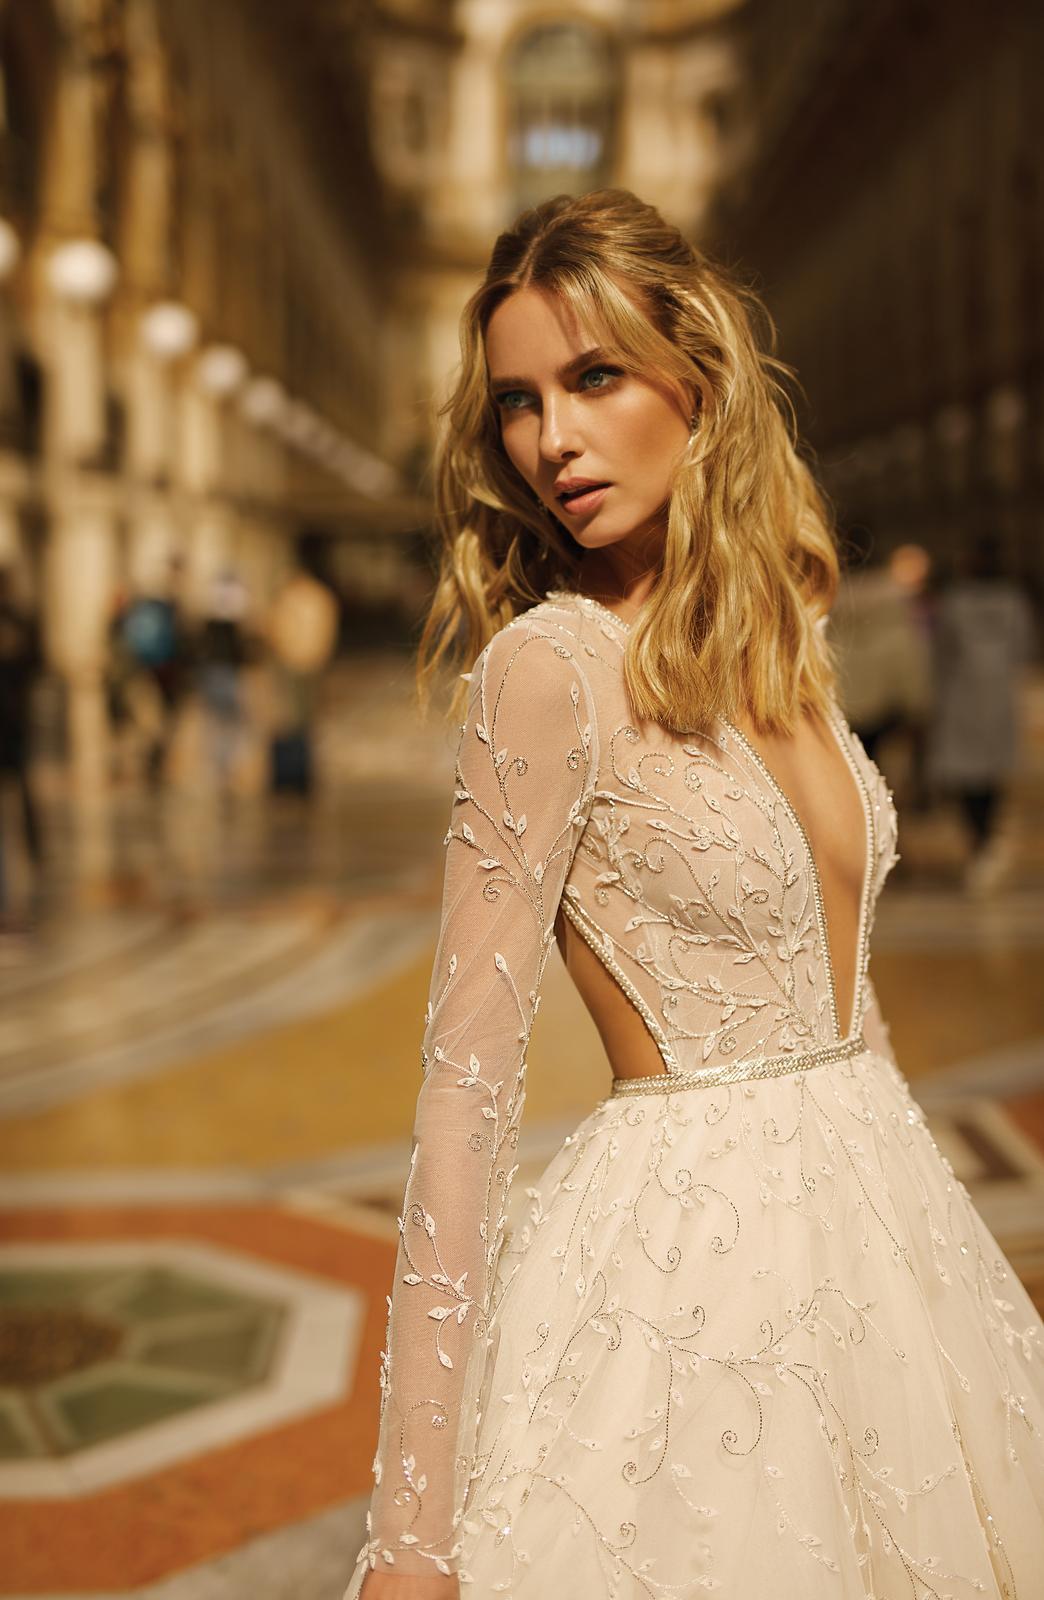 Svadobné šaty jar/leto 2020 BERTA Miláno - Obrázok č. 10